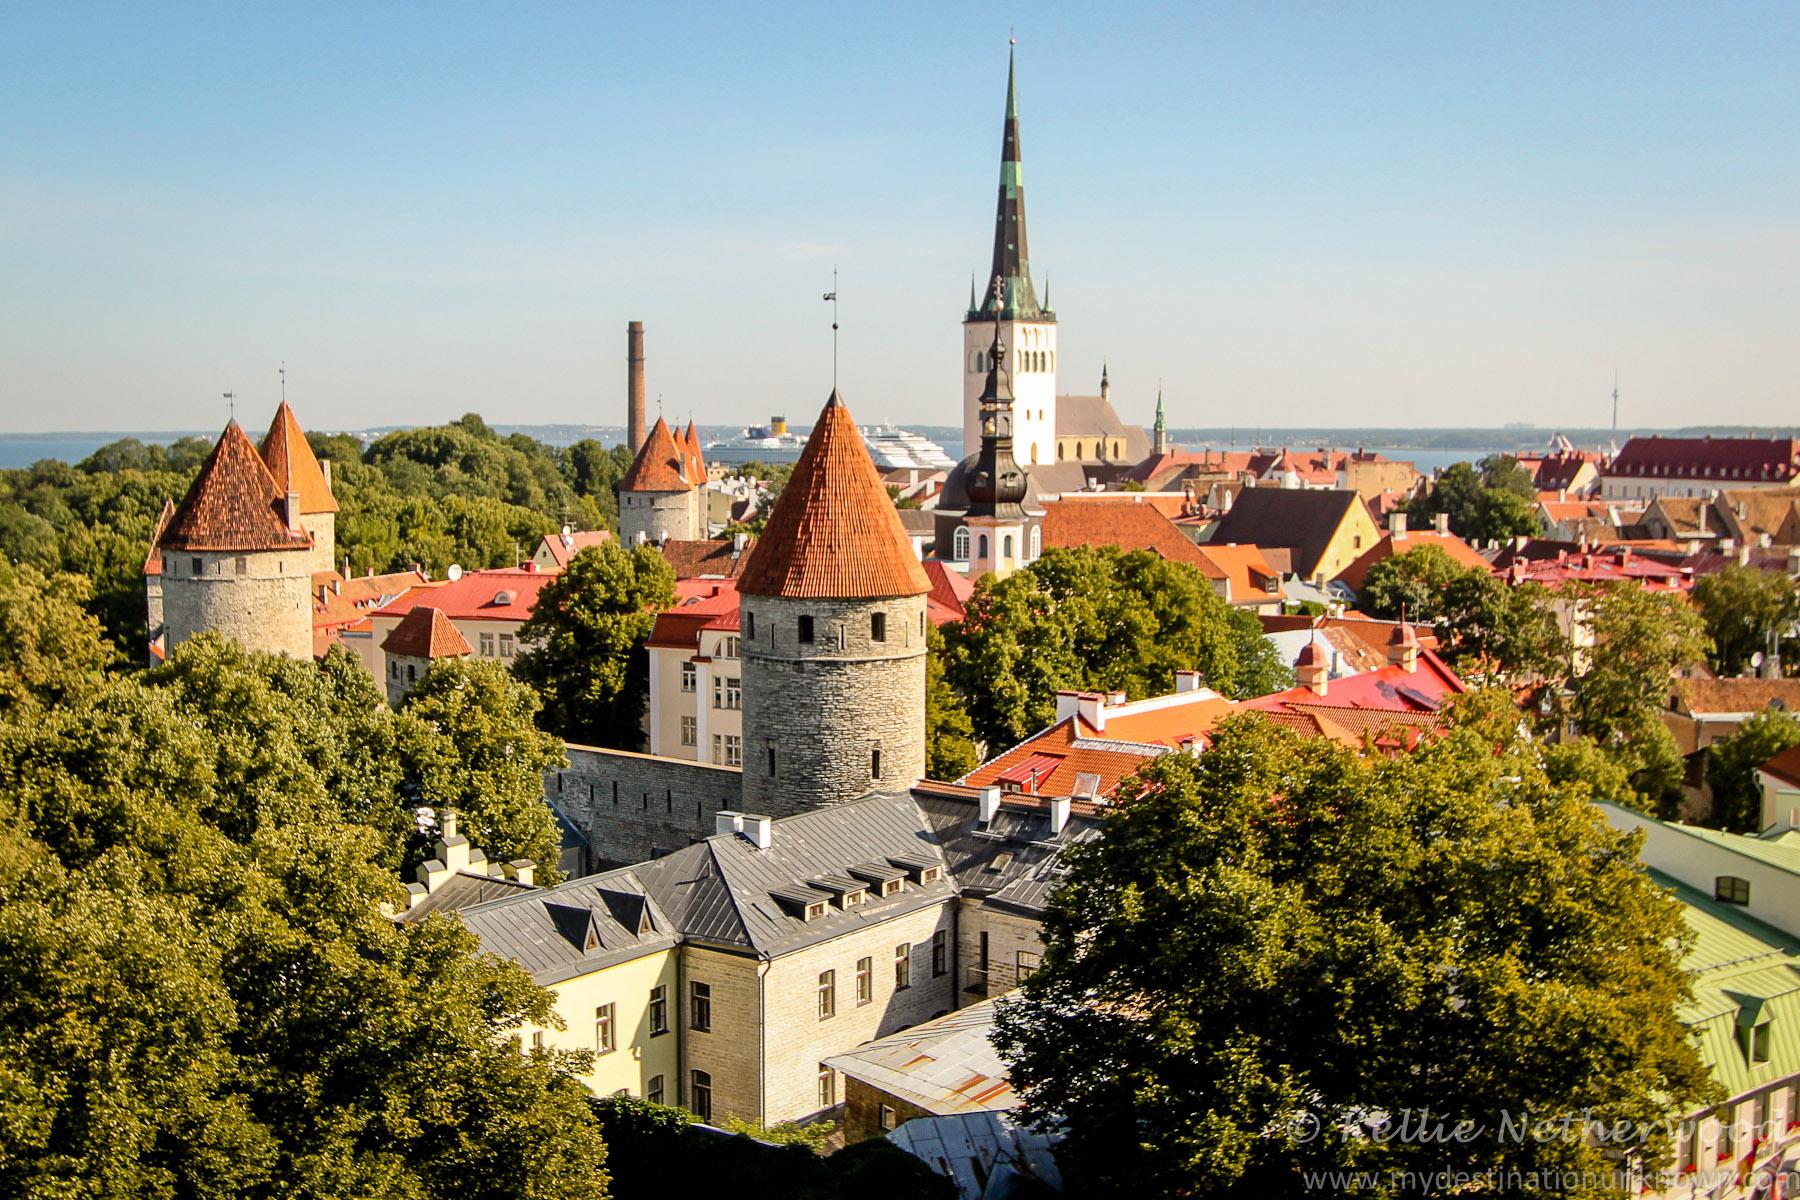 talin estonija slike putovanje prvi maj i uskrs cene balticke zemlje